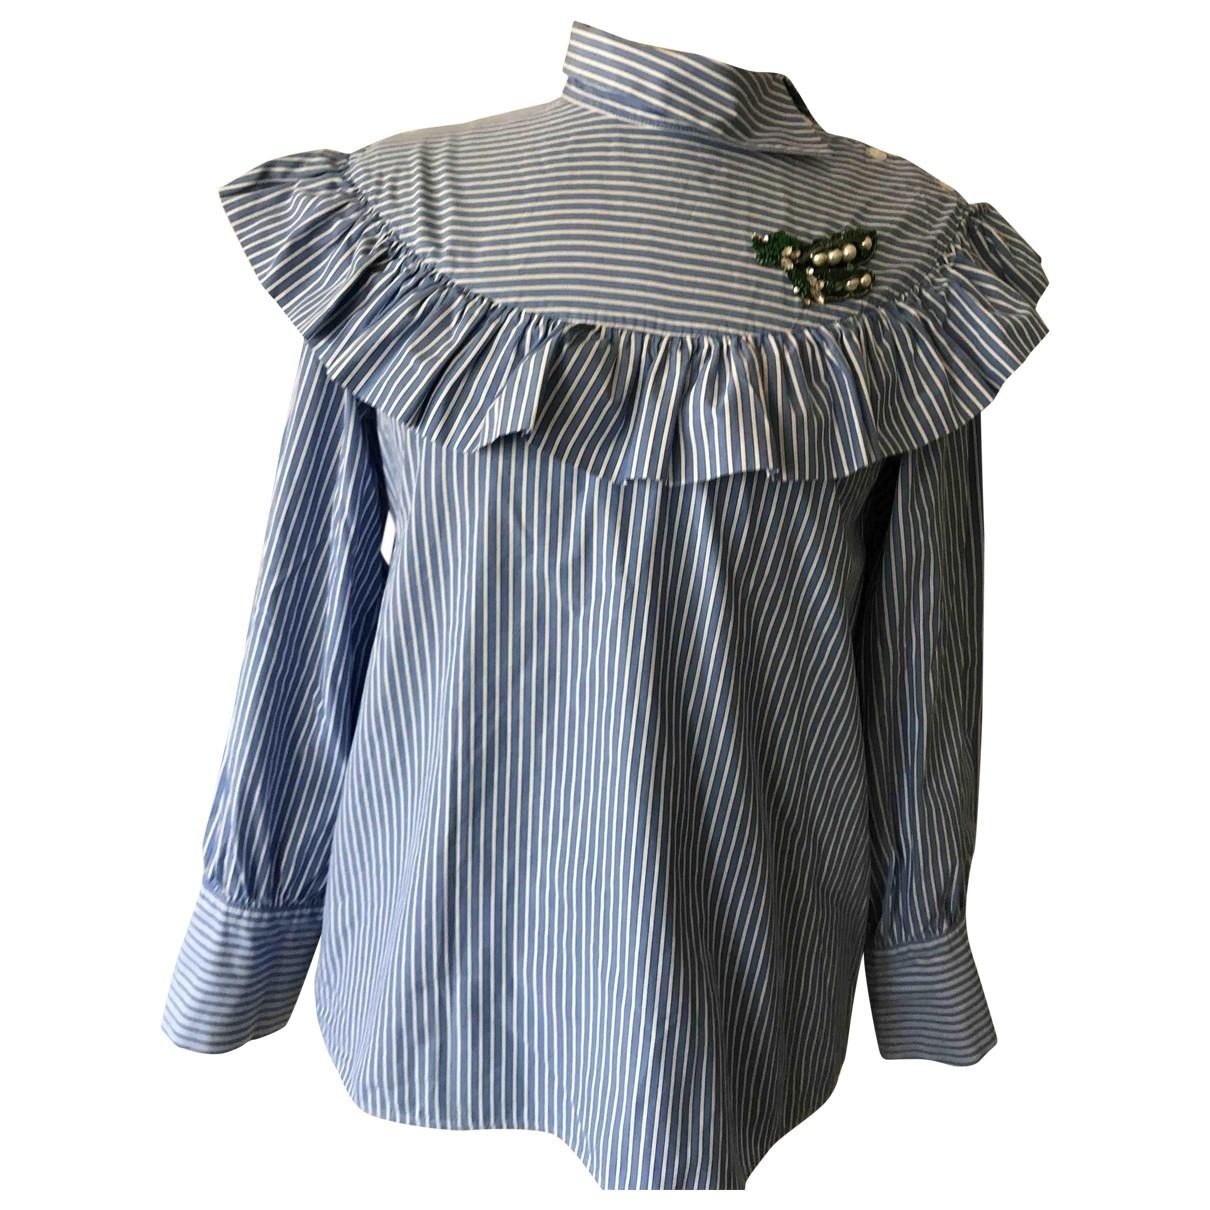 Vivetta - Top   pour femme en coton - blanc / bleu